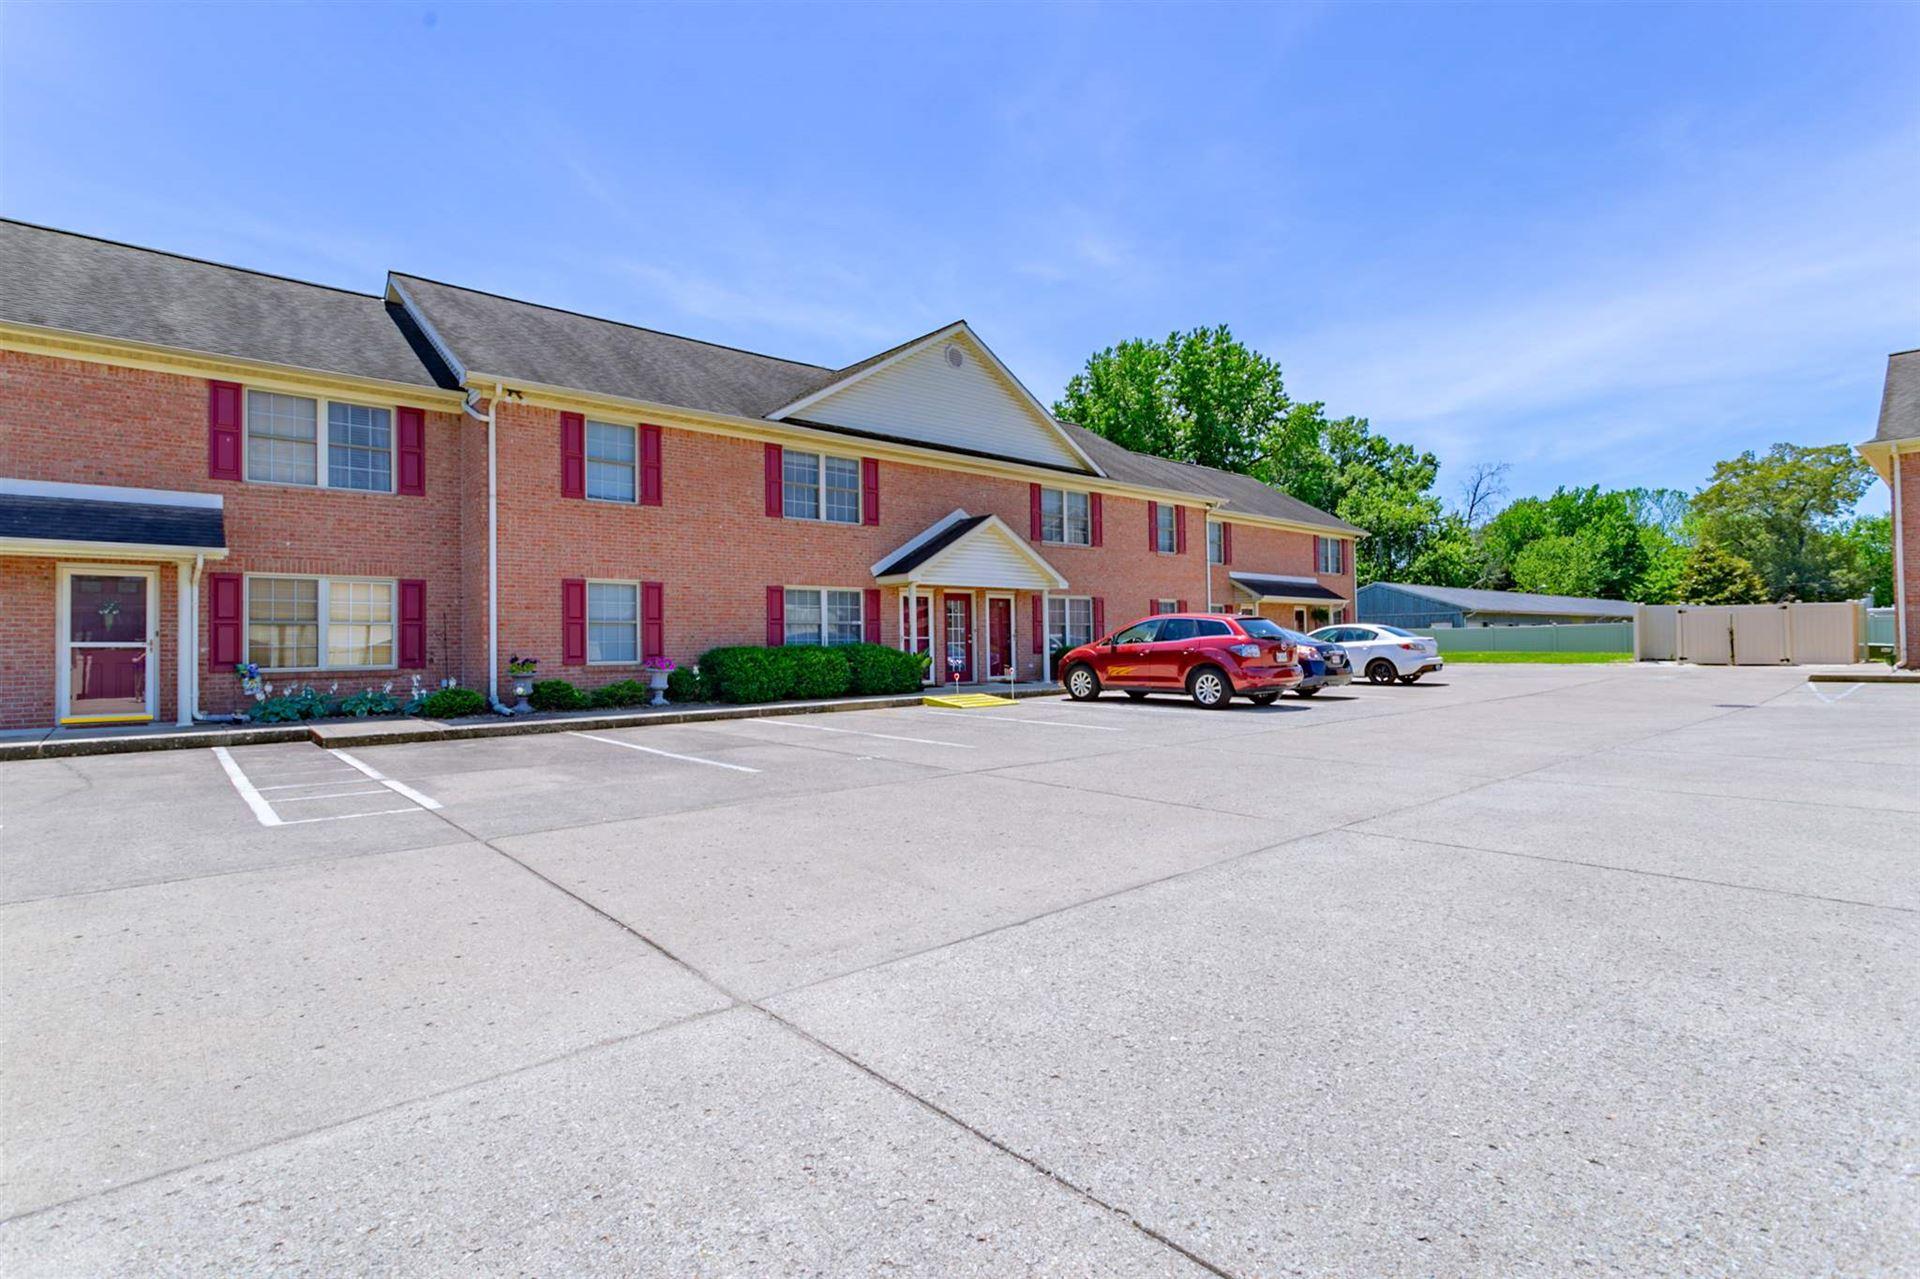 2905 Dexter Court #11, Evansville, IN 47714 - #: 202020202